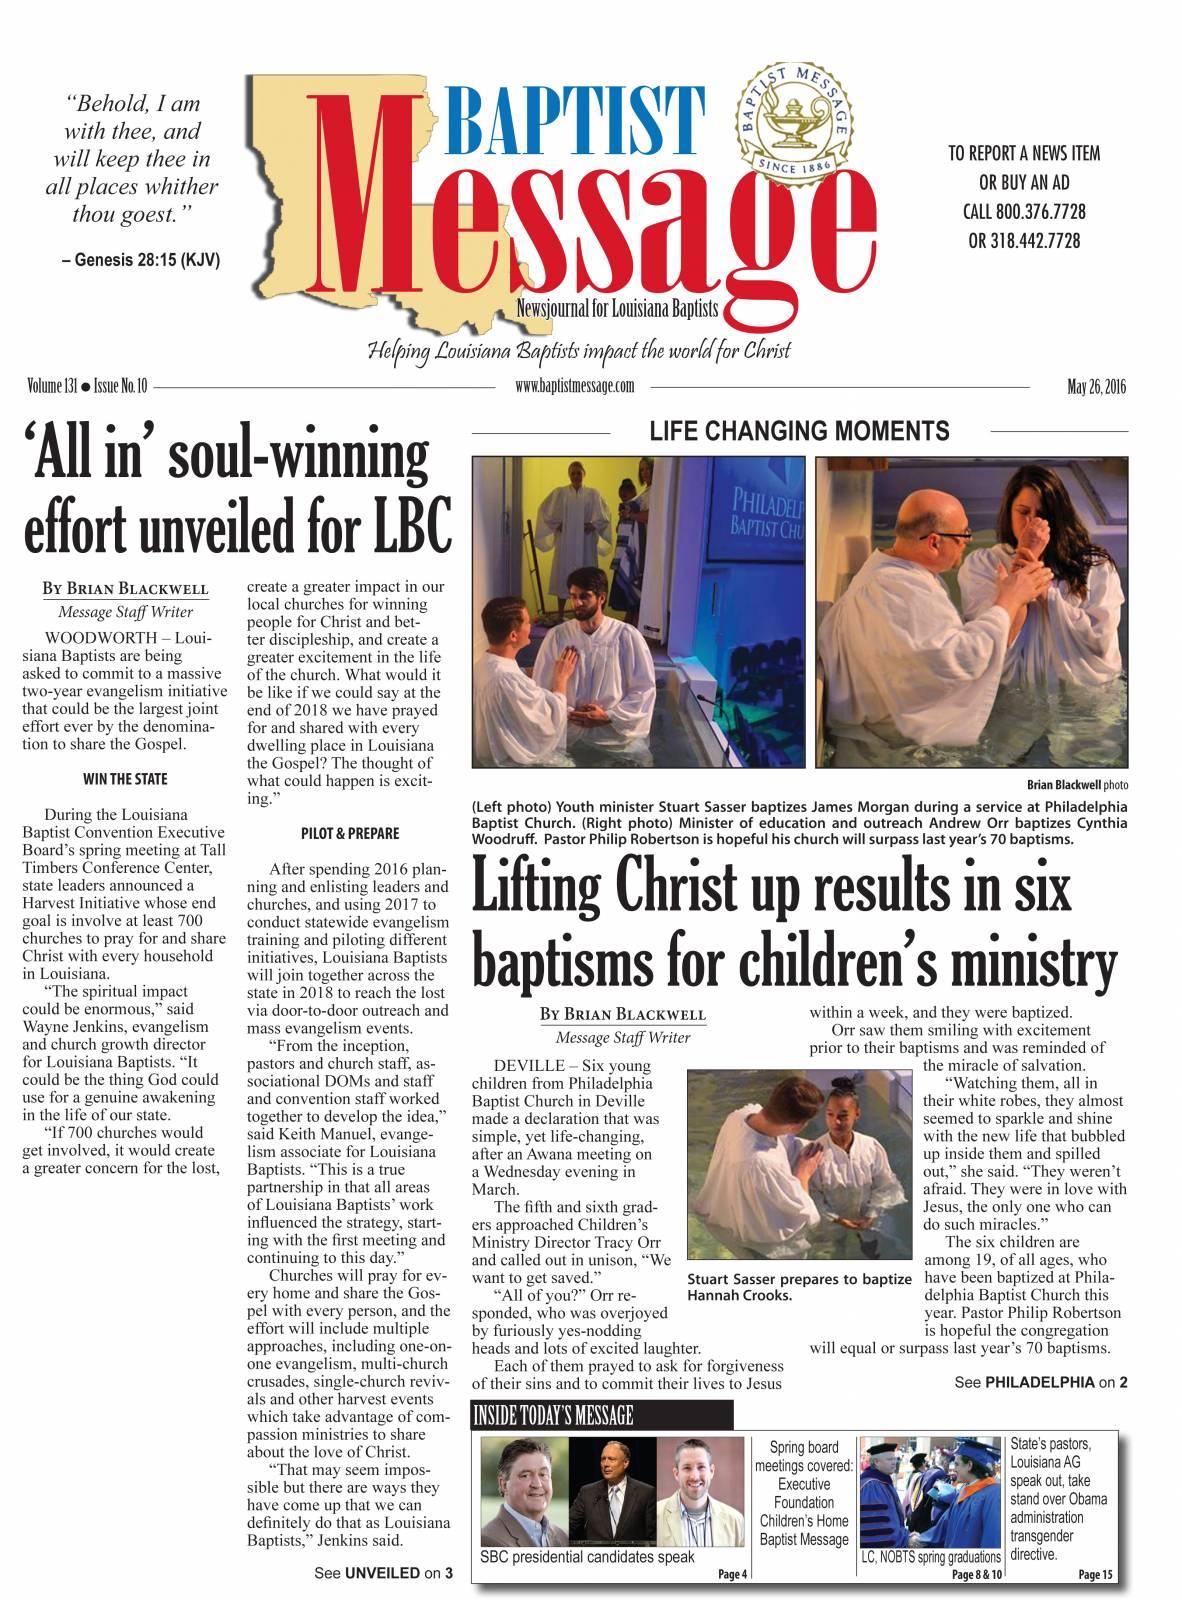 May 26 Page 1